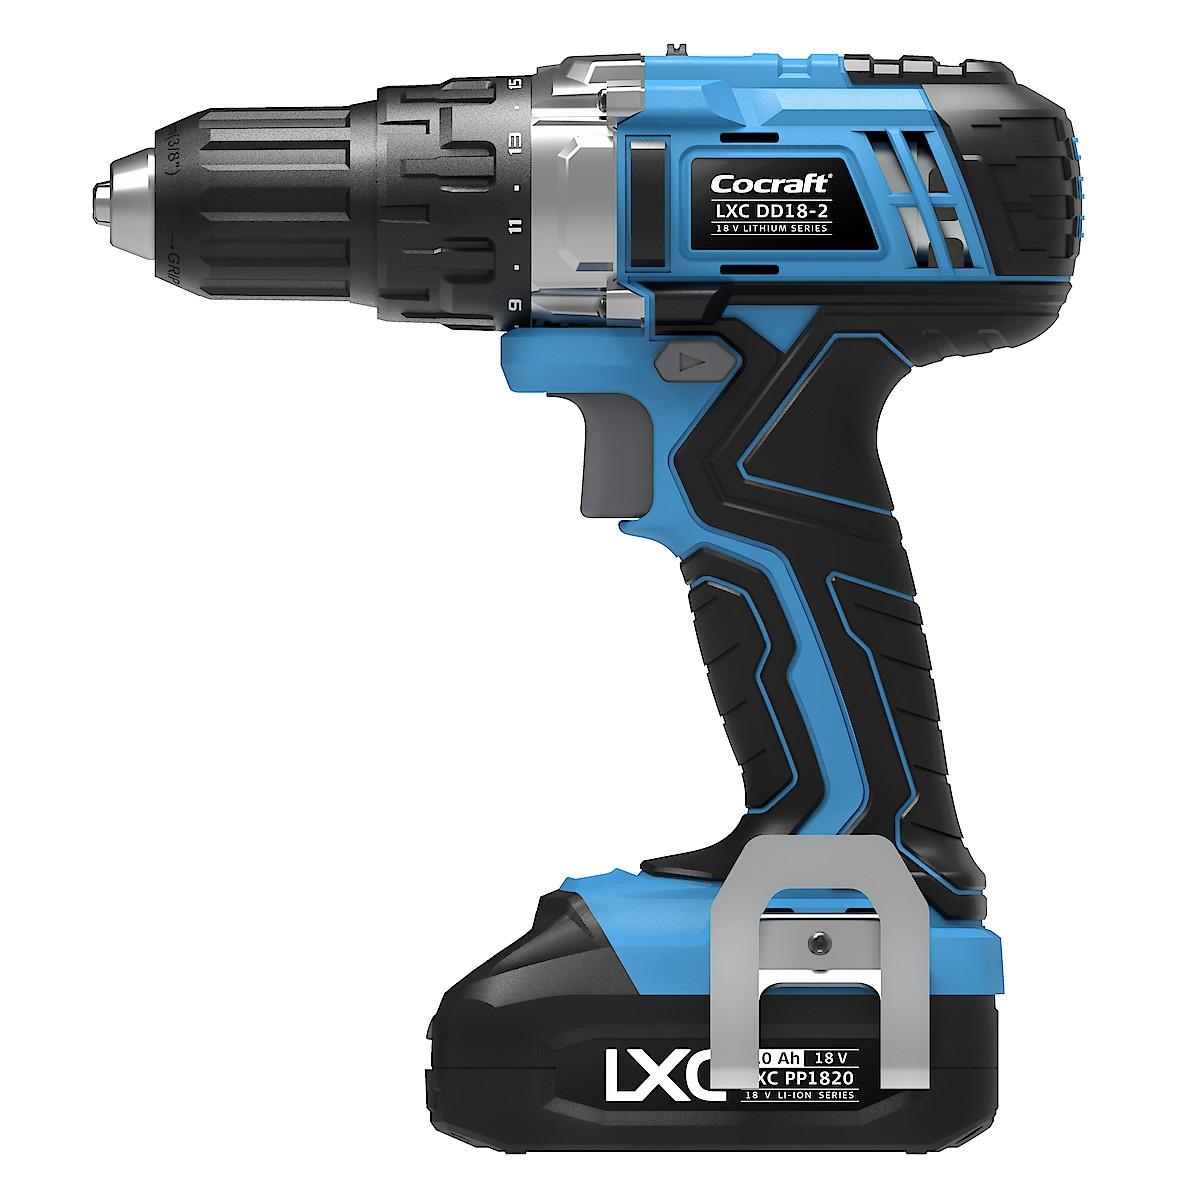 Cocraft LXC DD18 Drill Driver